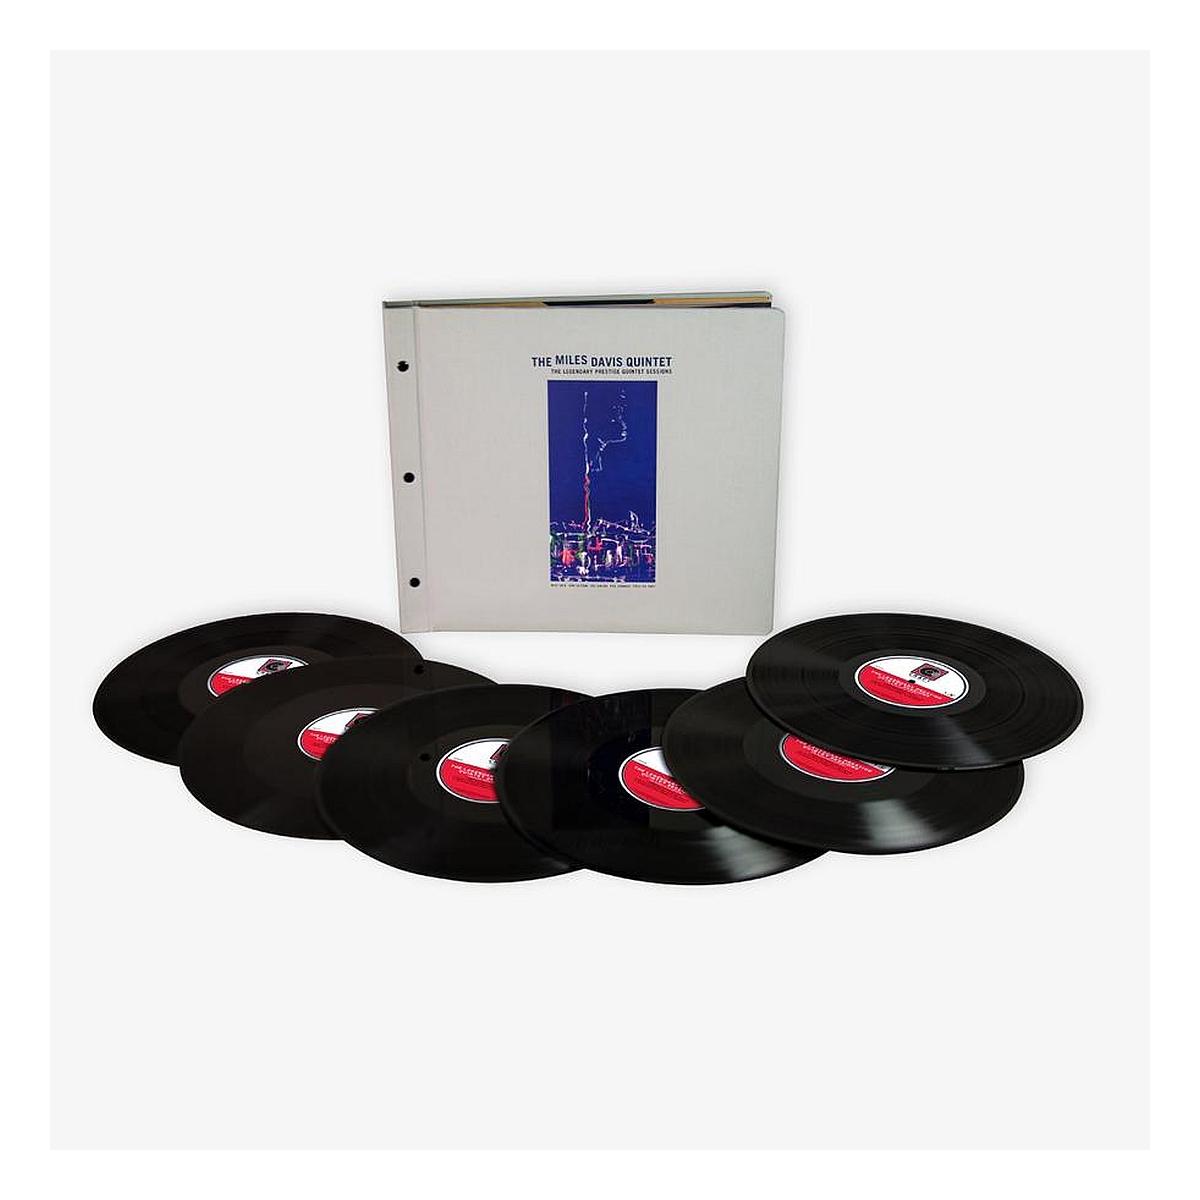 The Miles Davis Quintet: The Legendary Prestige Quintet Sessions [6 LP]